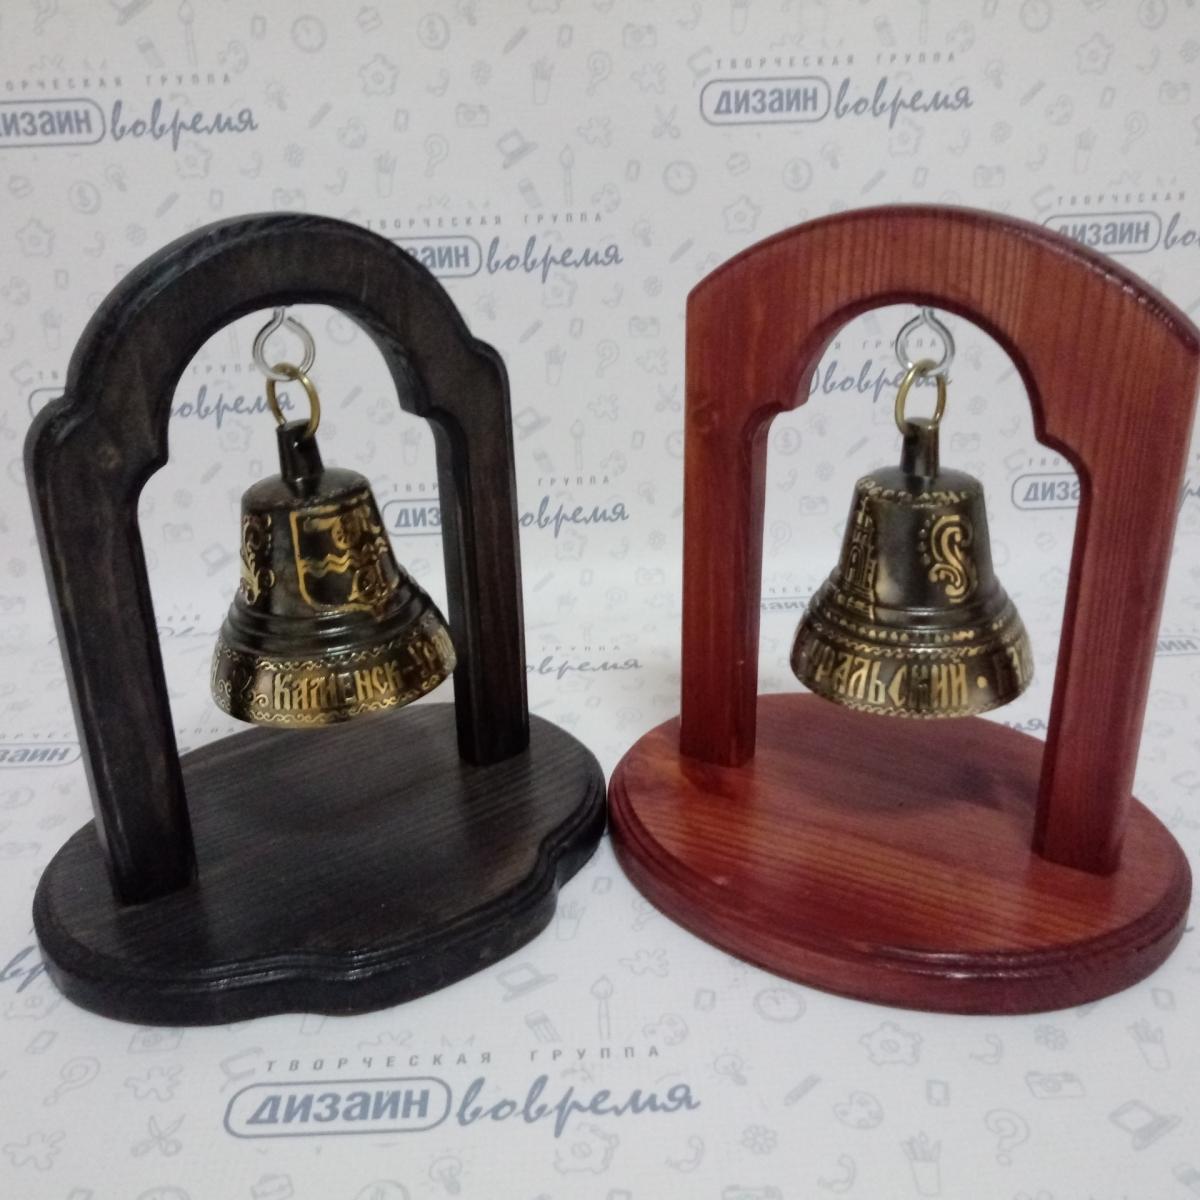 Колокольчик валдайский черненый, на деревянной подставке. Каменск-Уральский